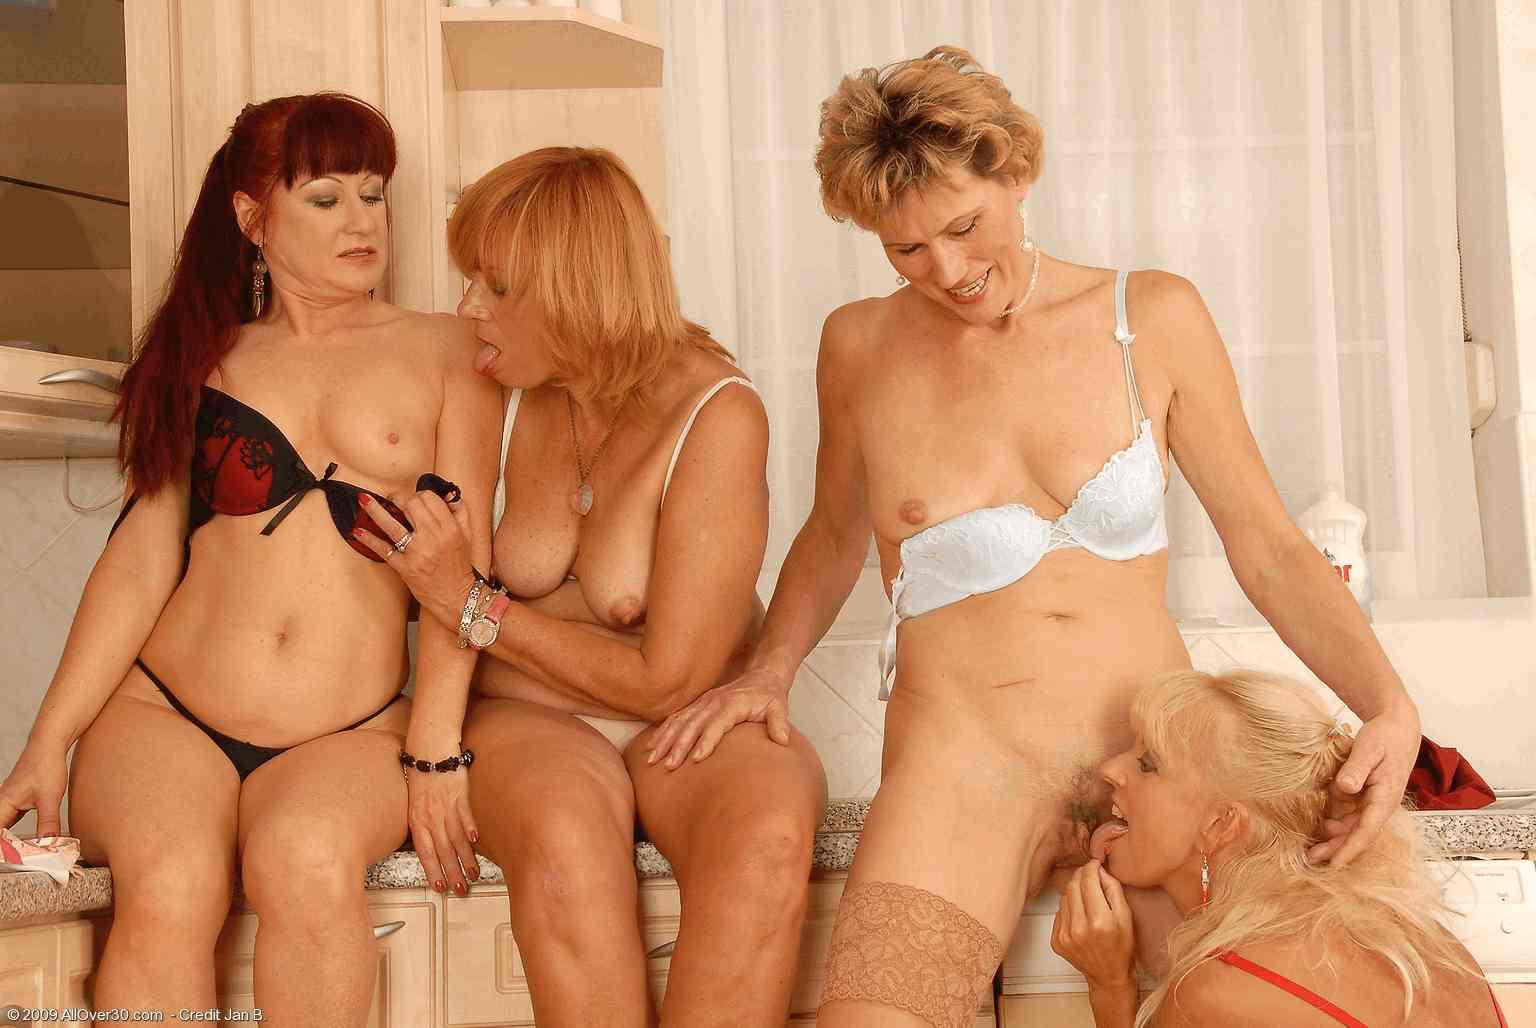 Смотреть онлайн зрелые лесбиянки 21 фотография